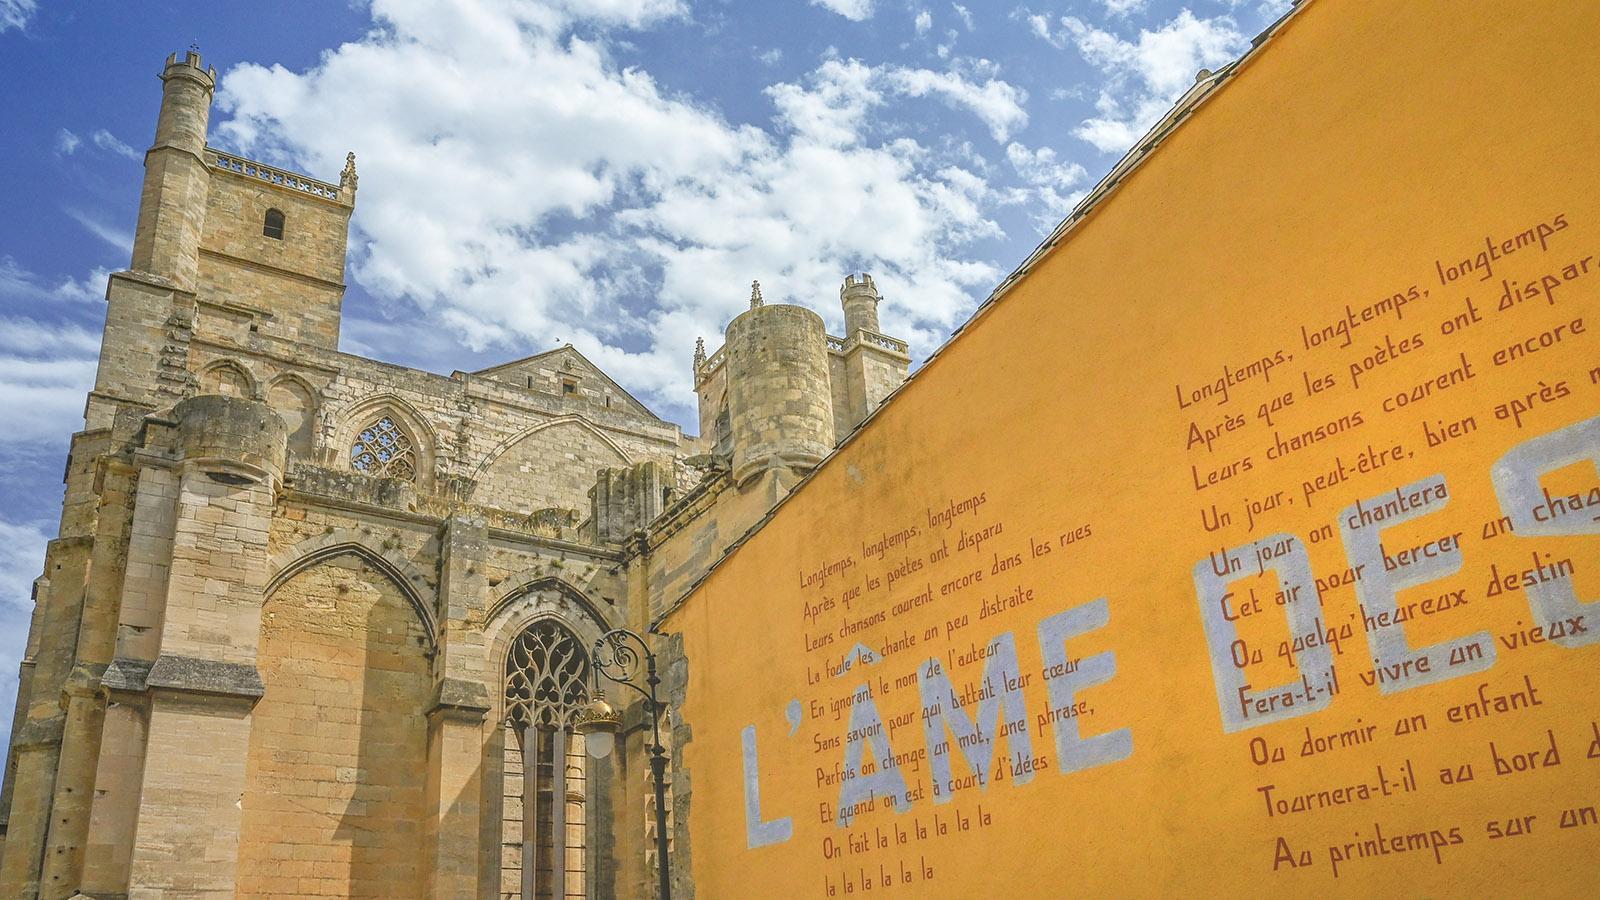 Das Chanson L'ame des poètes schmückt eine Fassade neben der Cathédrale Saint-Just-et-Saint-Pasteur. Foto: Hilke Maunder